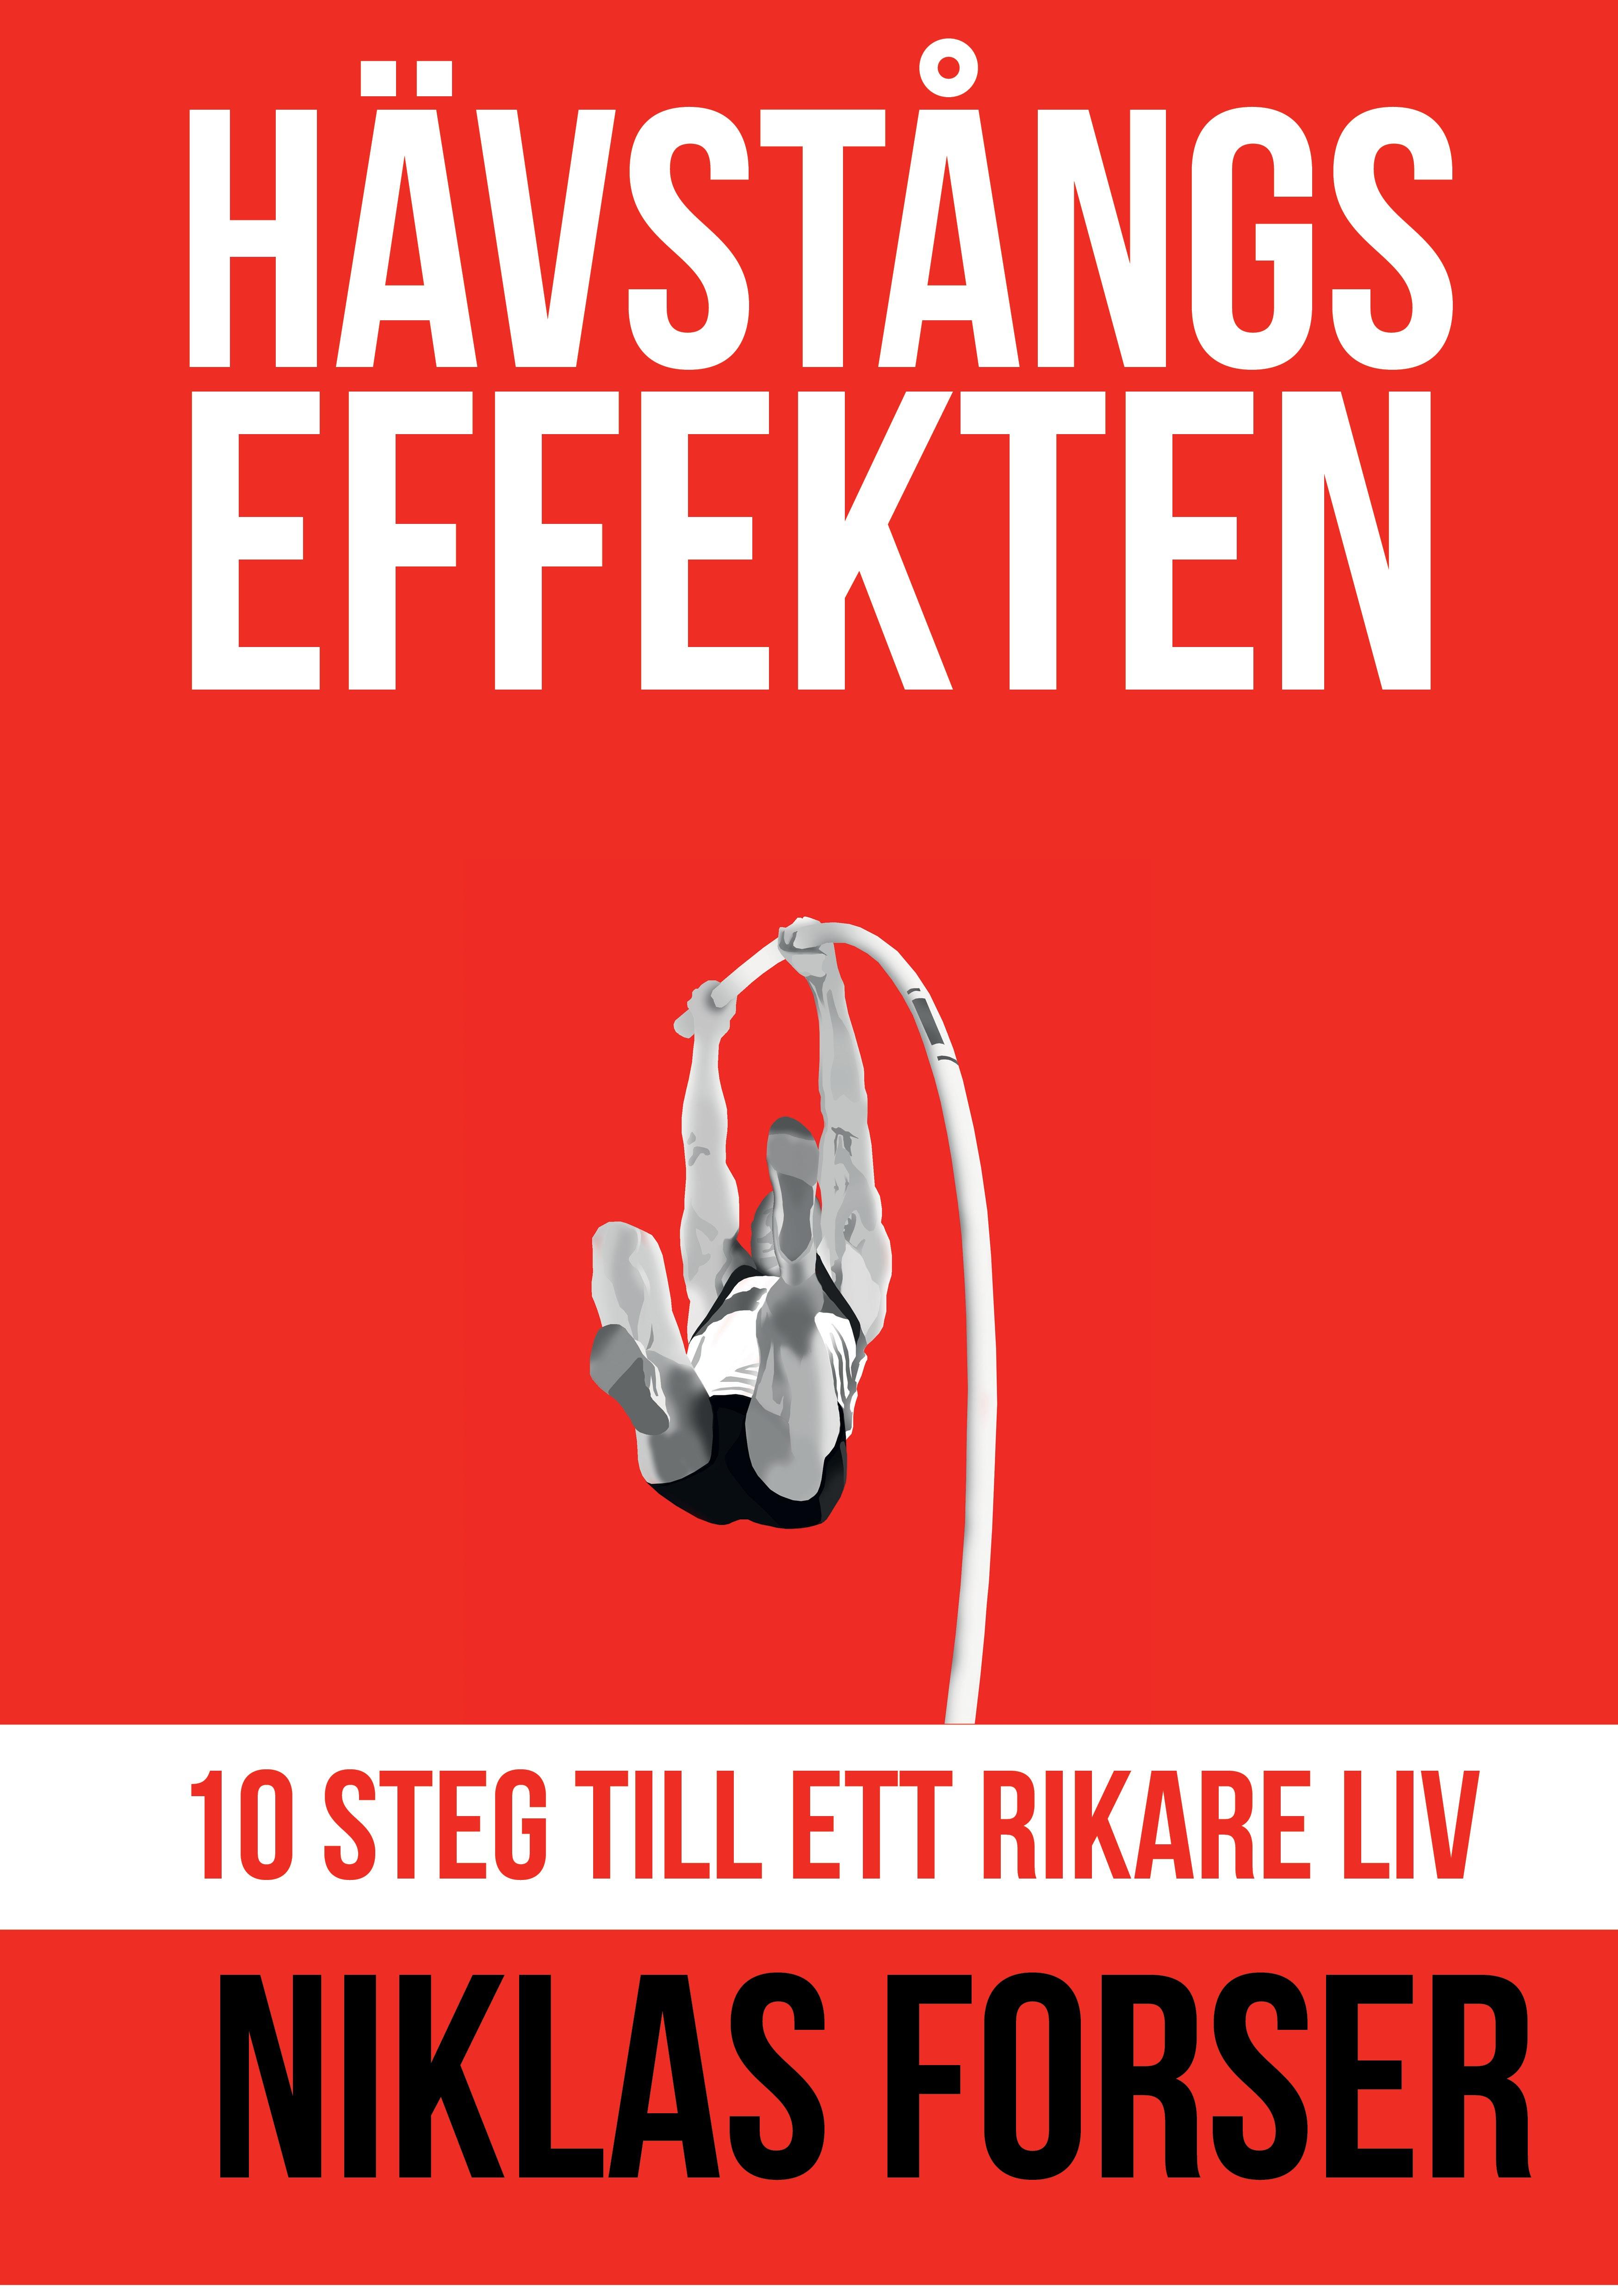 Hävstångseffektenav Niklas Forser